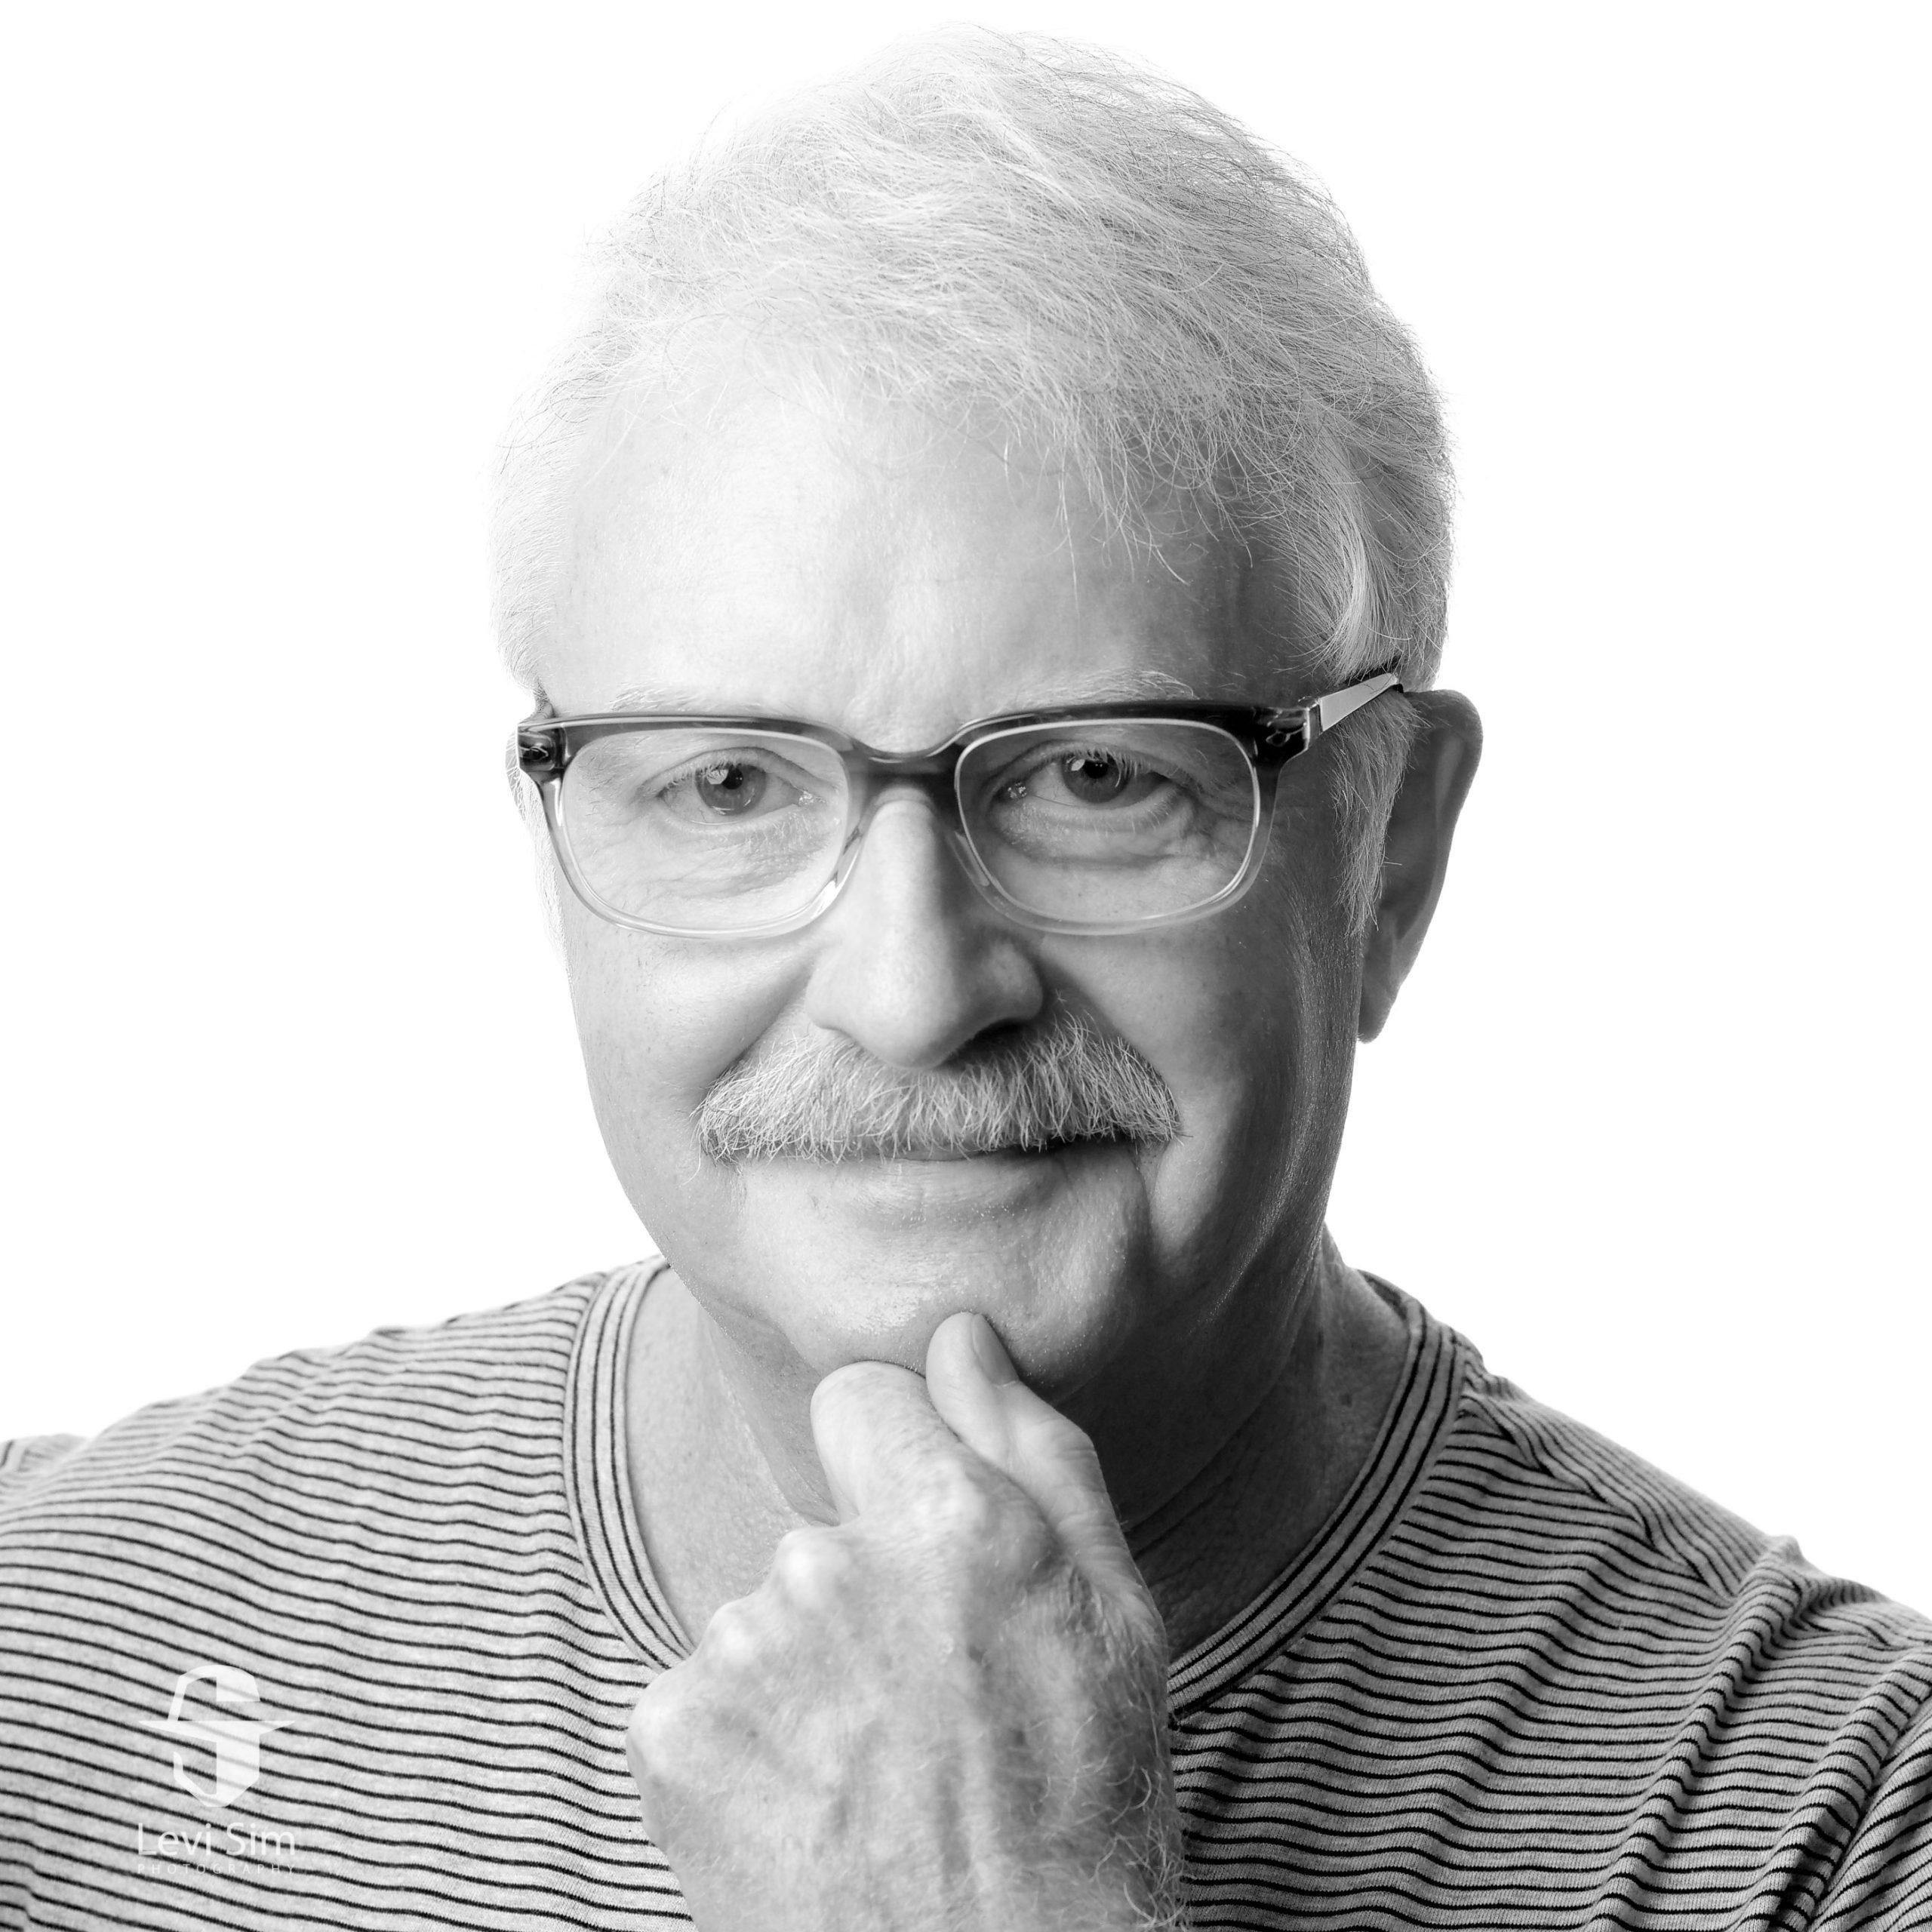 Levi Sim Steve Jobs Portrait Project Out Of Chicago 2017-81